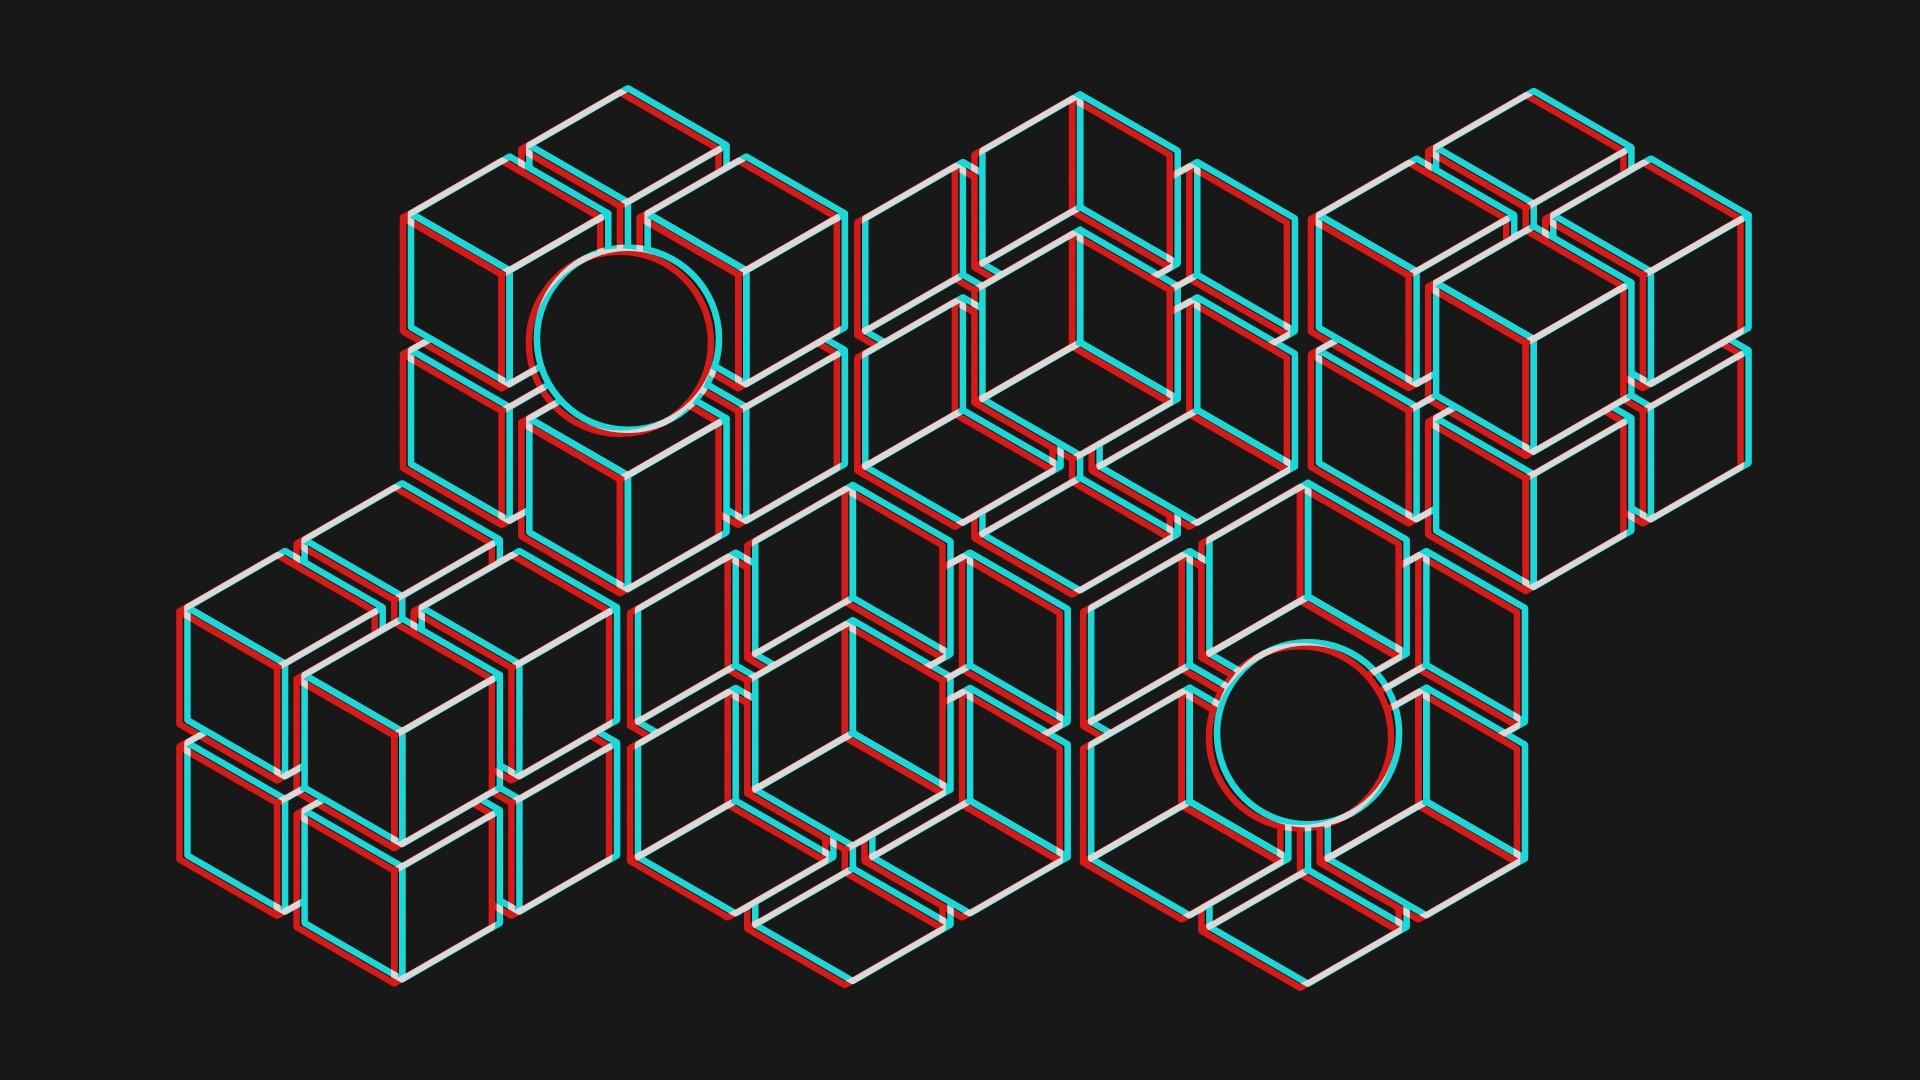 3d Minimalist Wallpaper theme